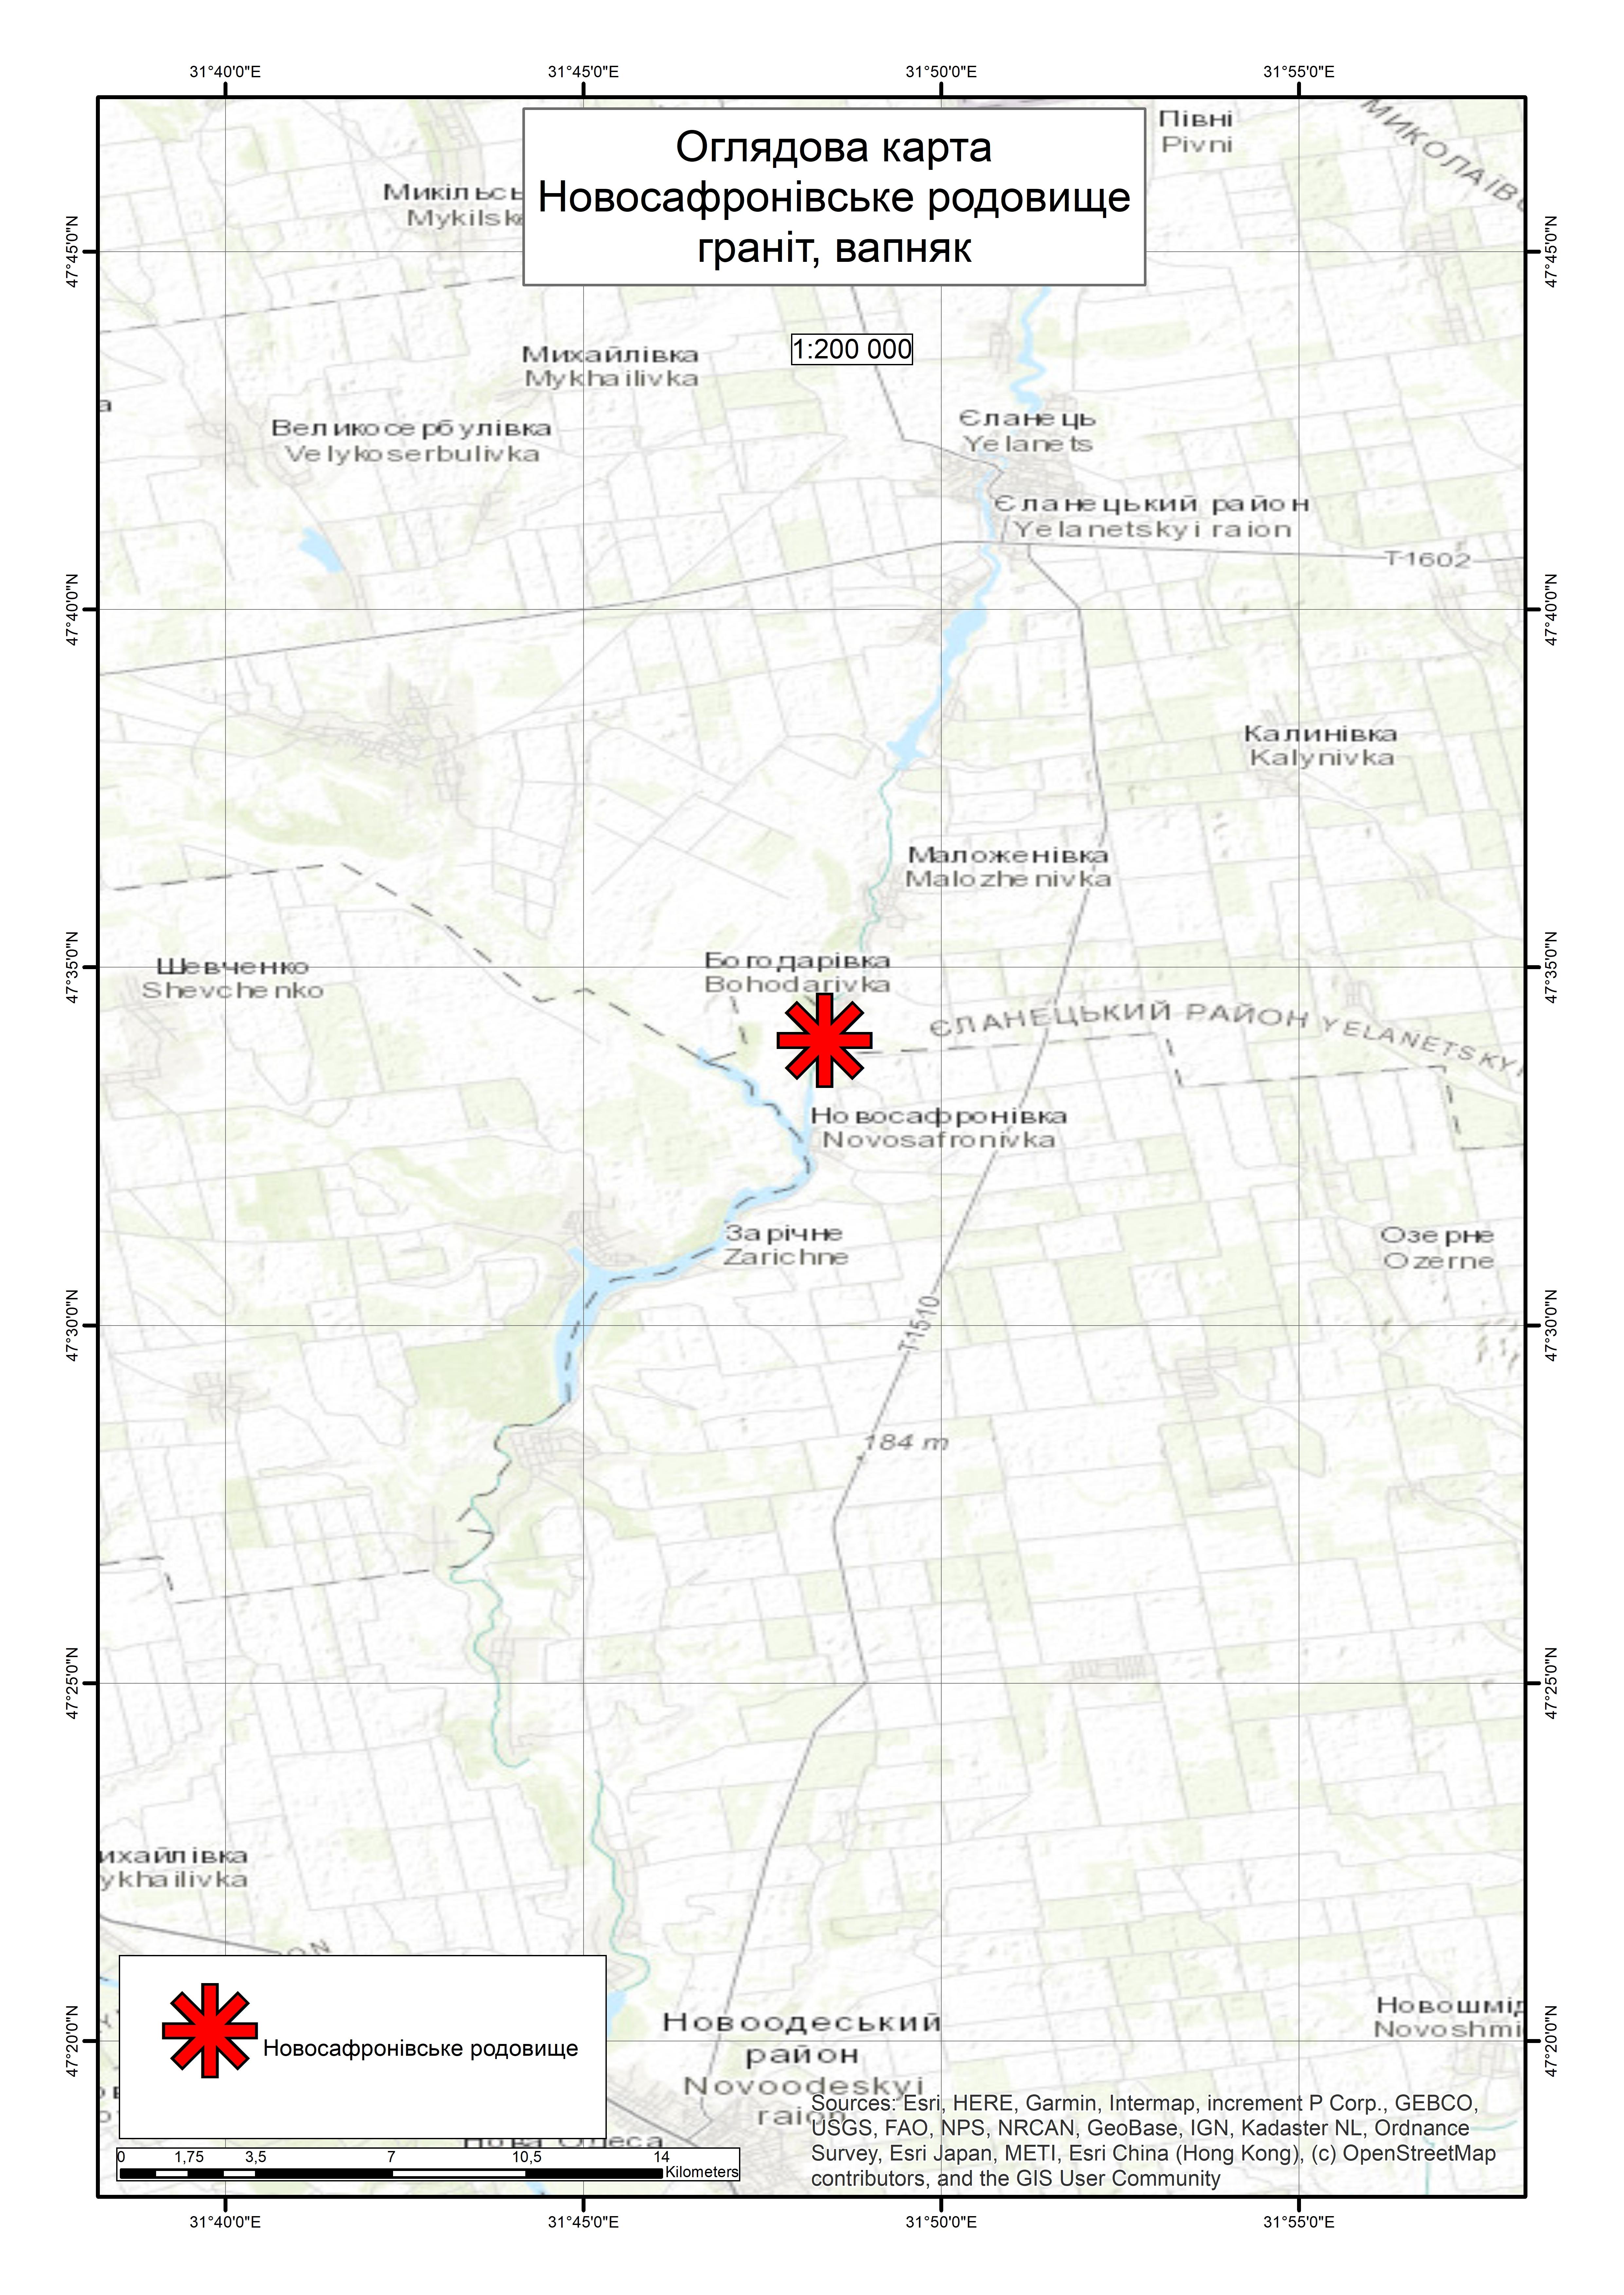 Спеціальний дозвіл на користування надрами – Новосафронівське родовище. Вартість геологічної інформації – 198 820,65 грн (з ПДВ). Вартість пакету аукціонної документації – 30 714,12 грн (з ПДВ).